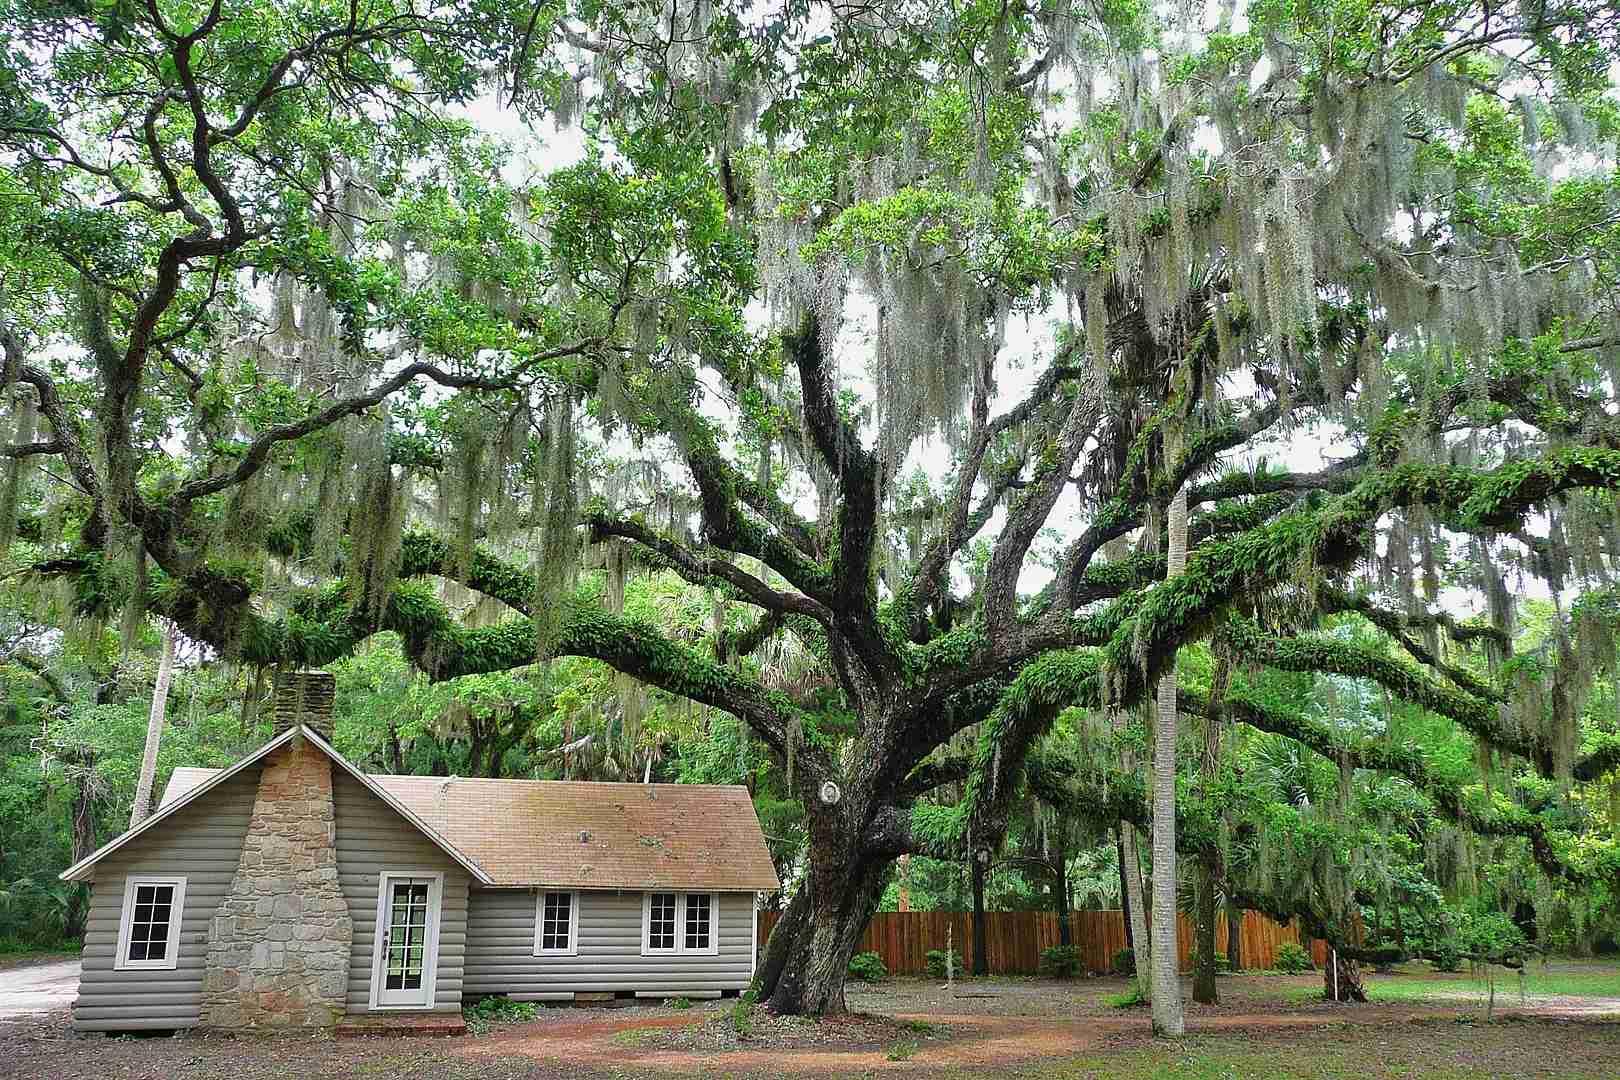 Washington Oaks Gardens State Park Florida